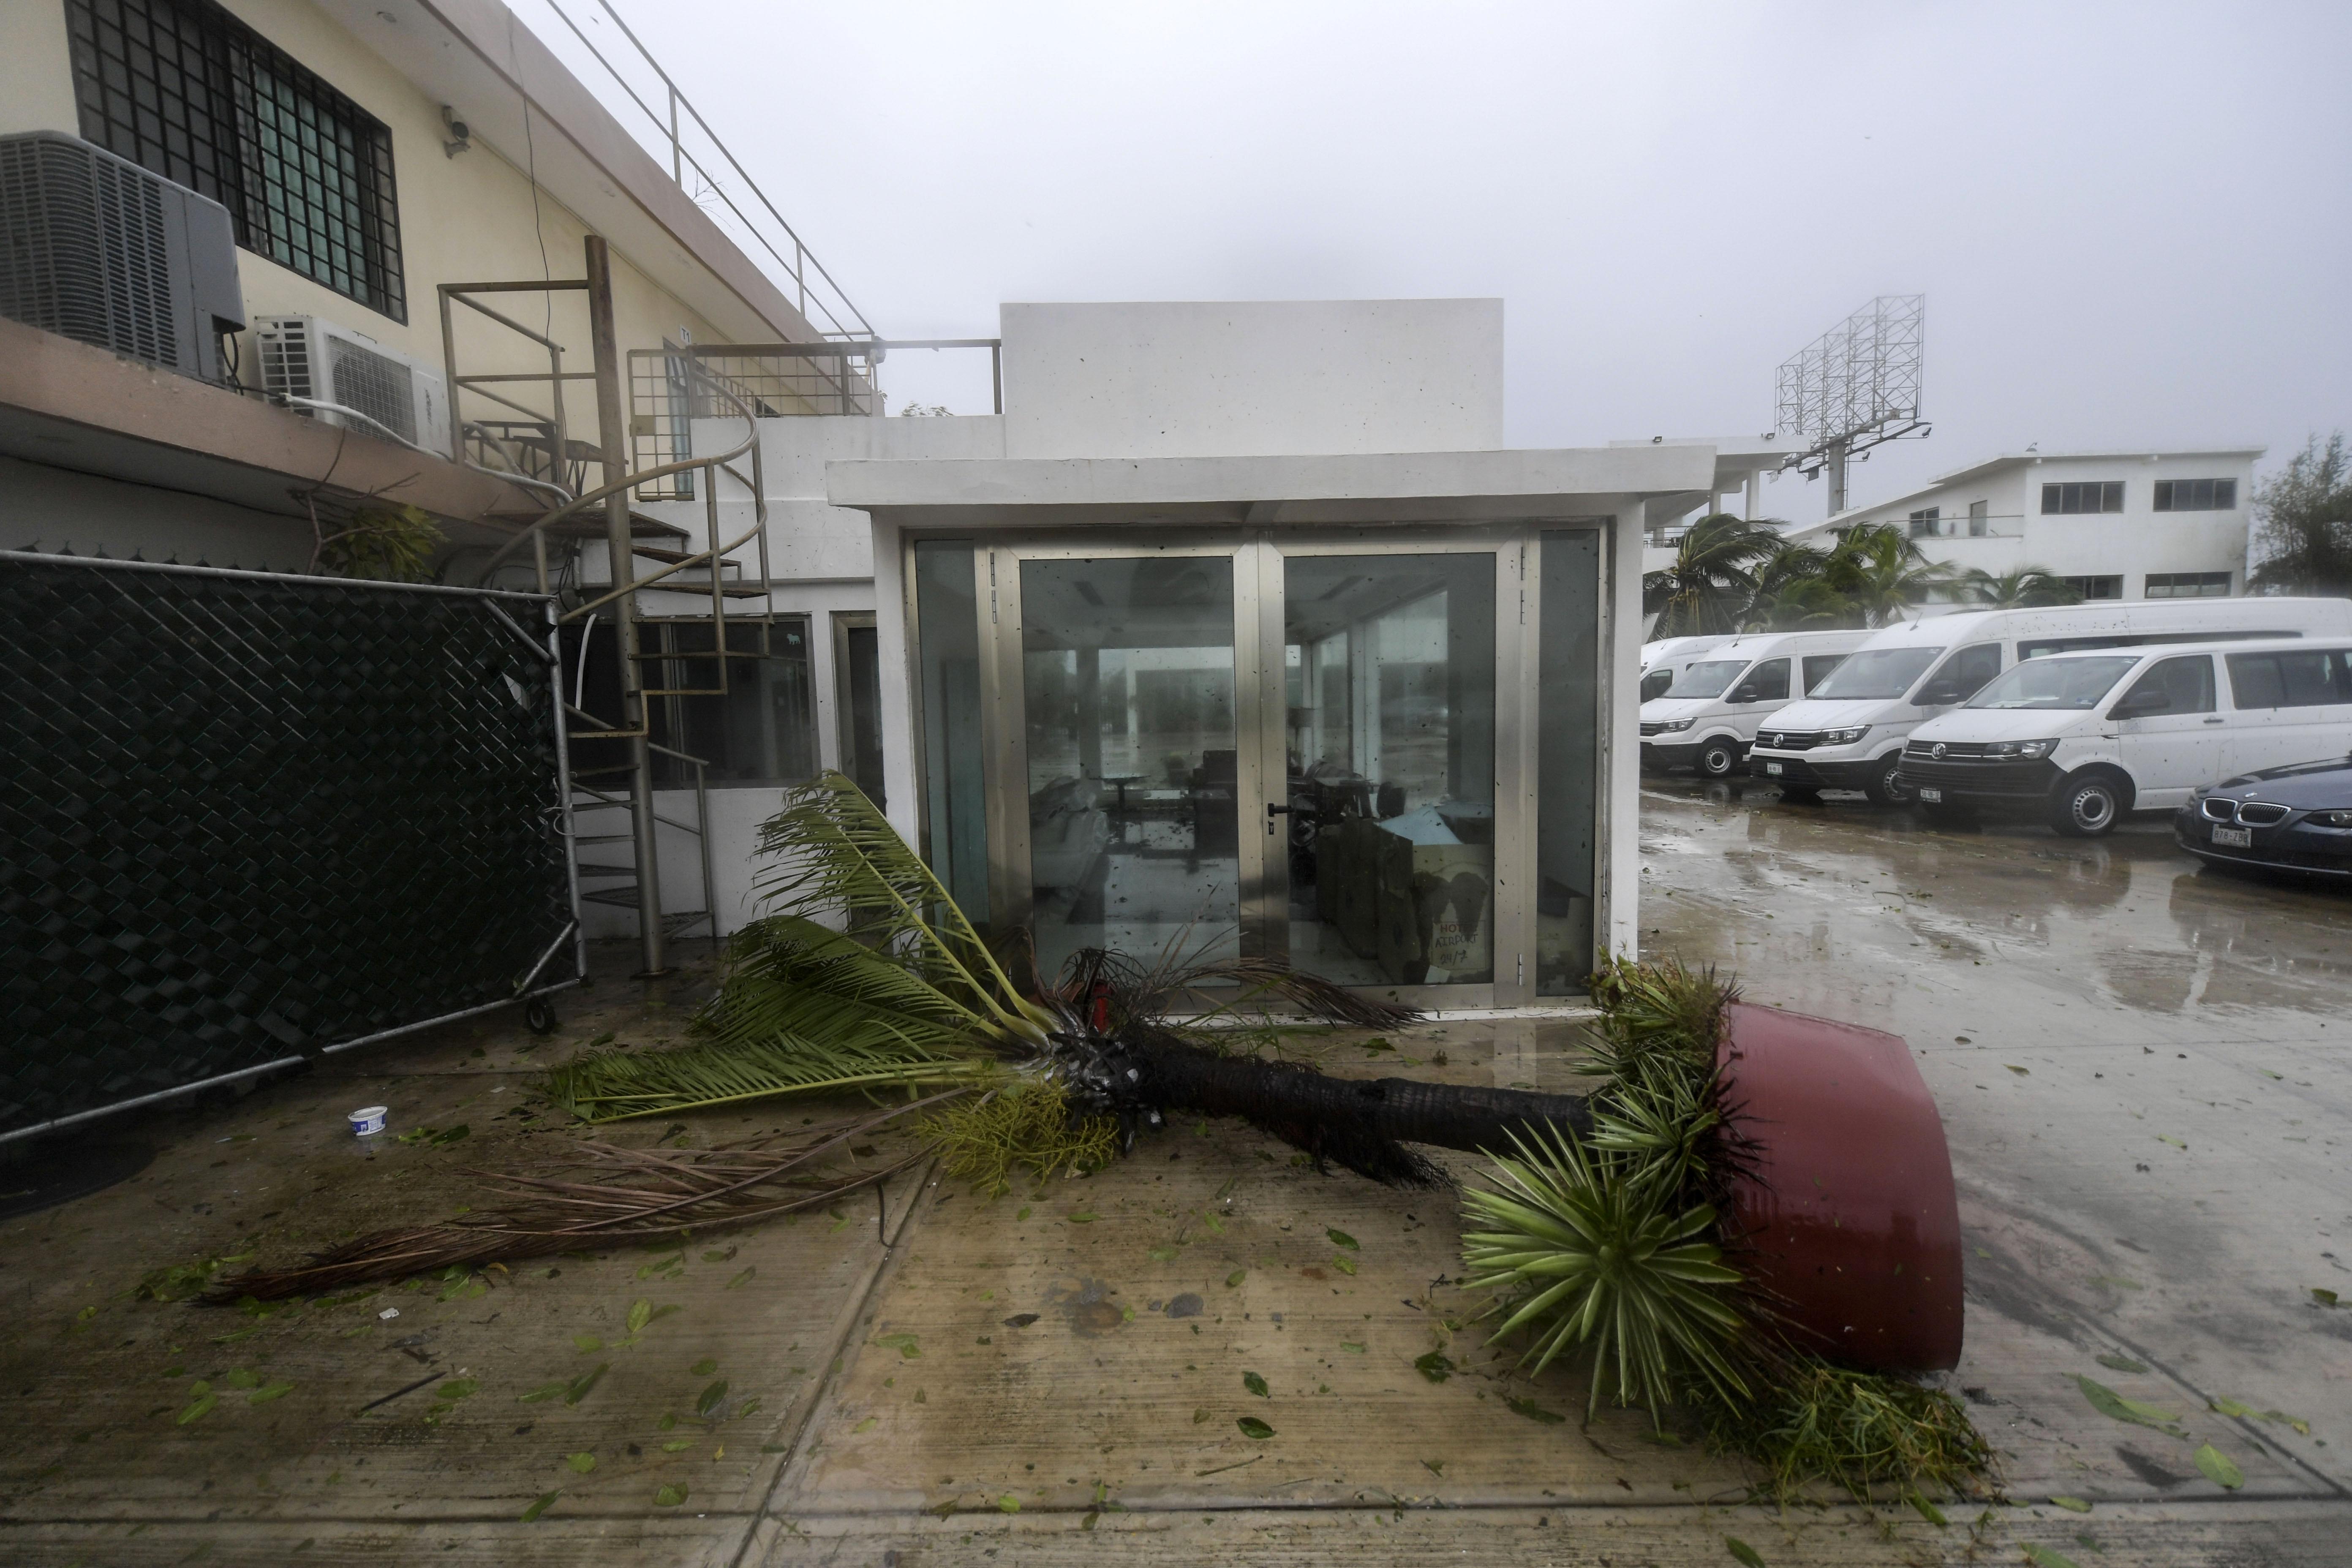 Vista de los daños causados por el huracán Delta en un hotel en Cancún, estado de Quintana Roo, México, el 7 de octubre de 2020.